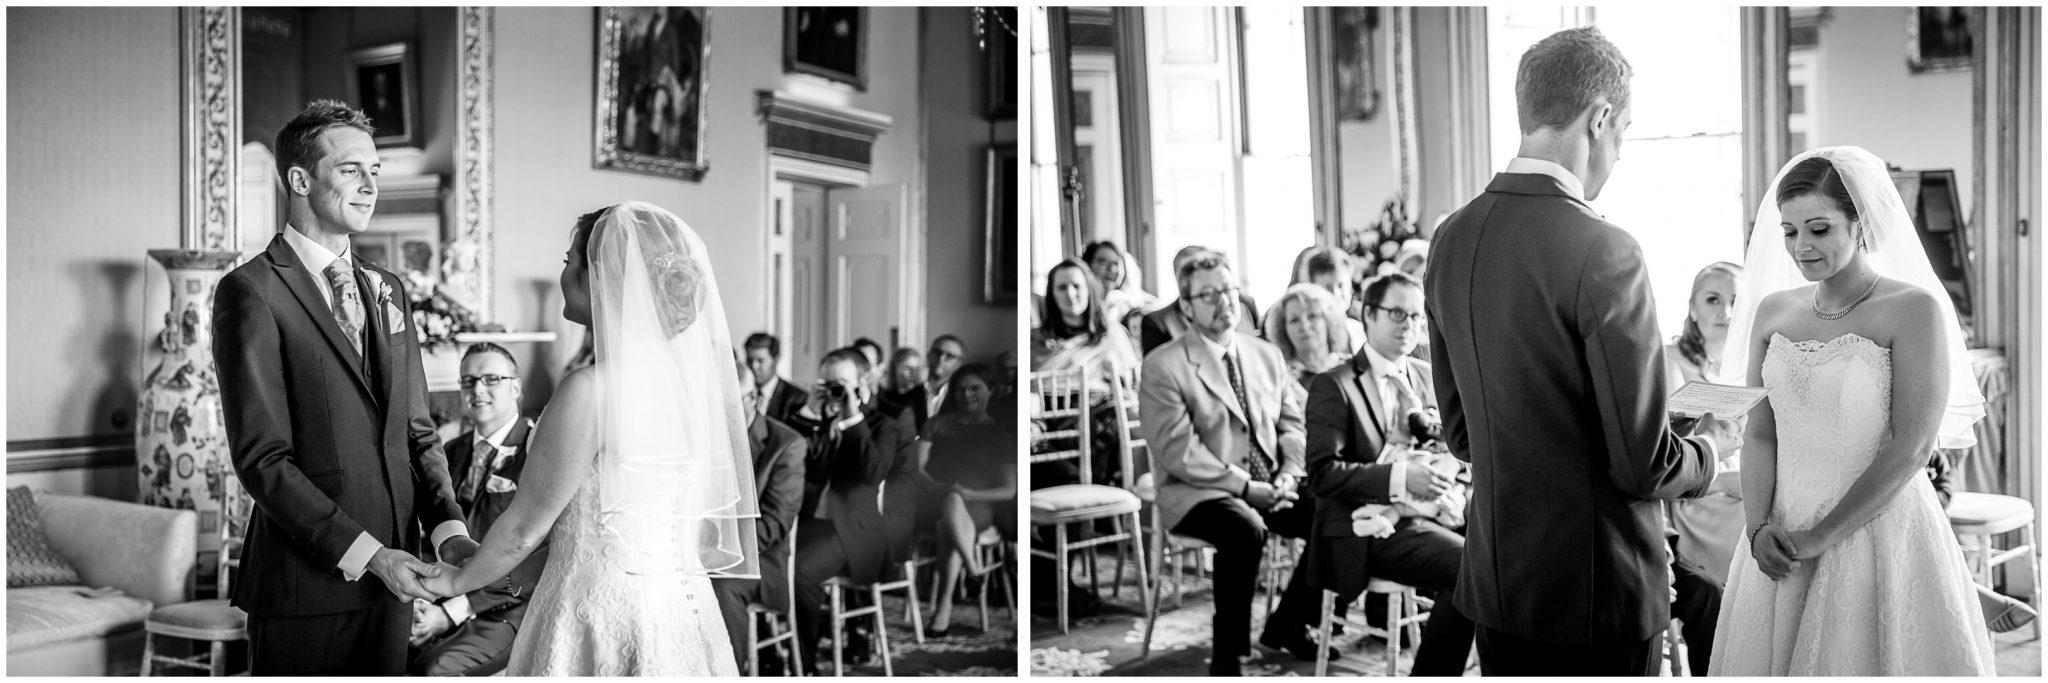 Avington Park wedding photography couple make their marriage vows